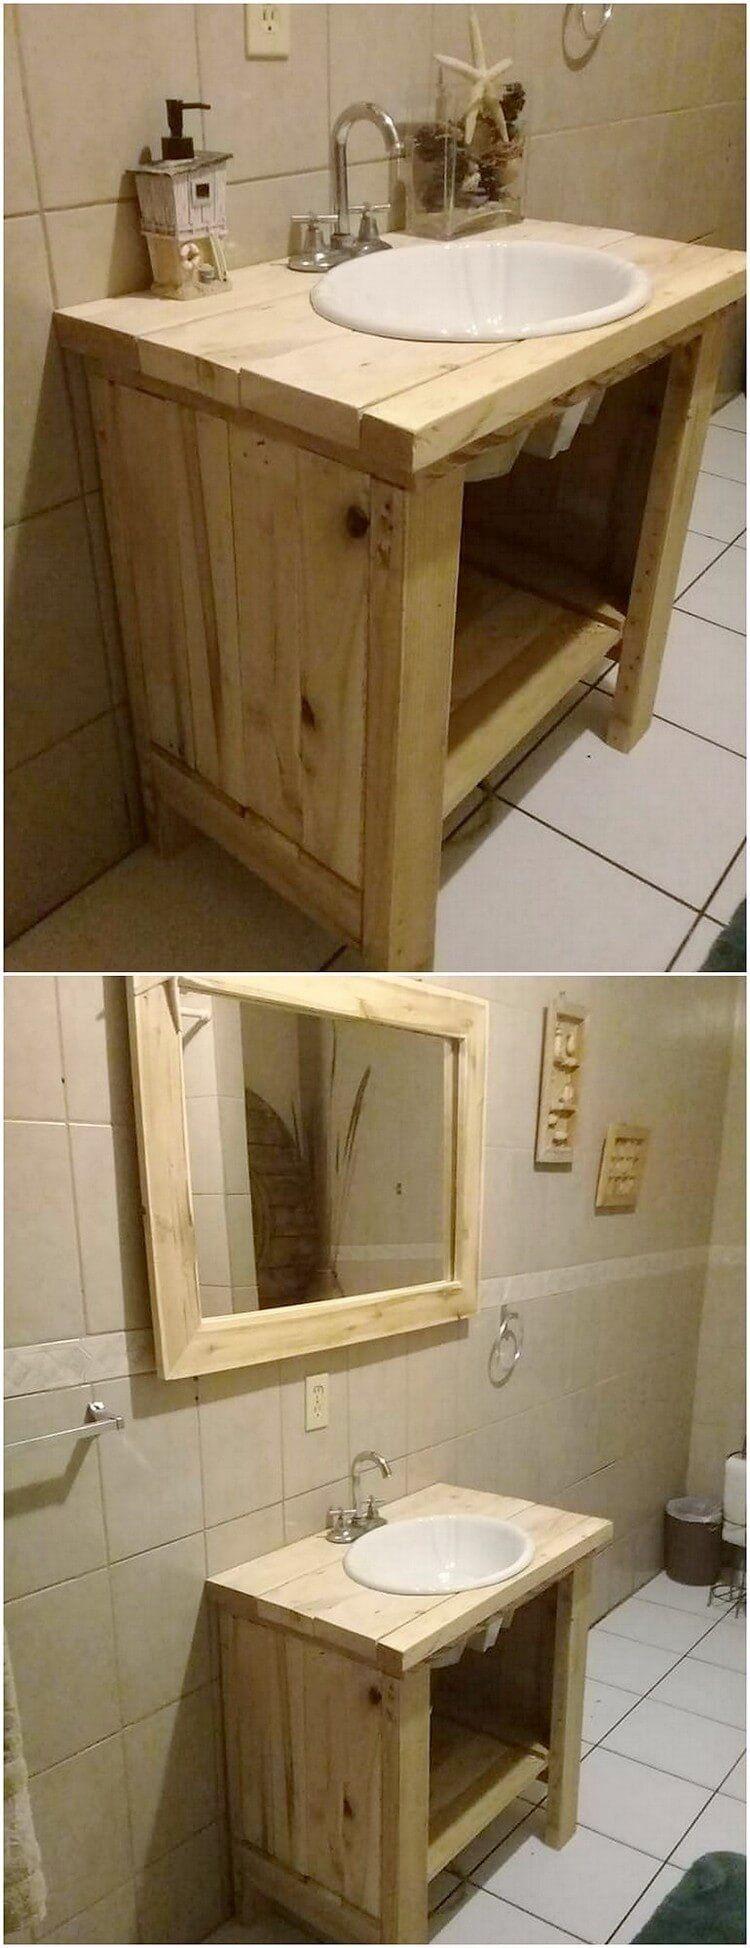 Fixing Water Leaking From Upstairs Bathroom To Downstairs 101 Wood Pallets Pallet Bathroom Diy Bathroom Vanity